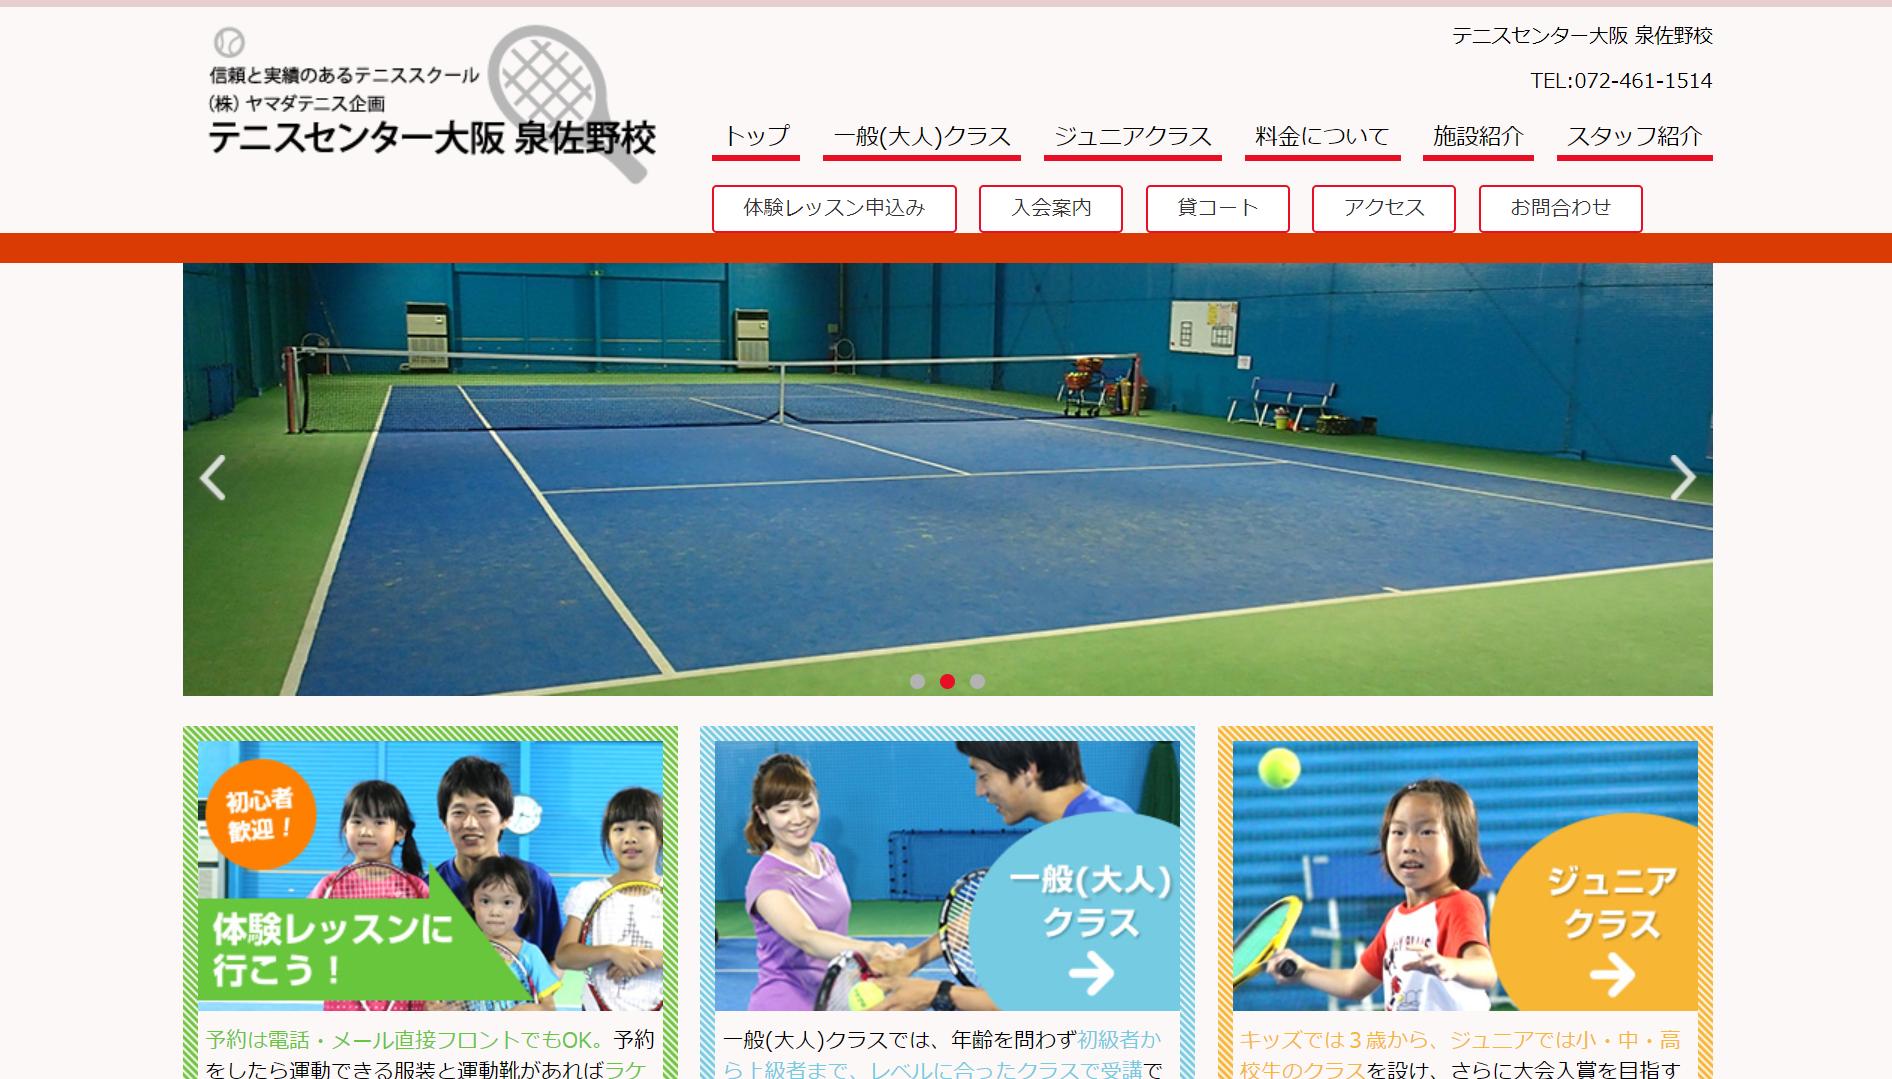 テニス オフ 大阪